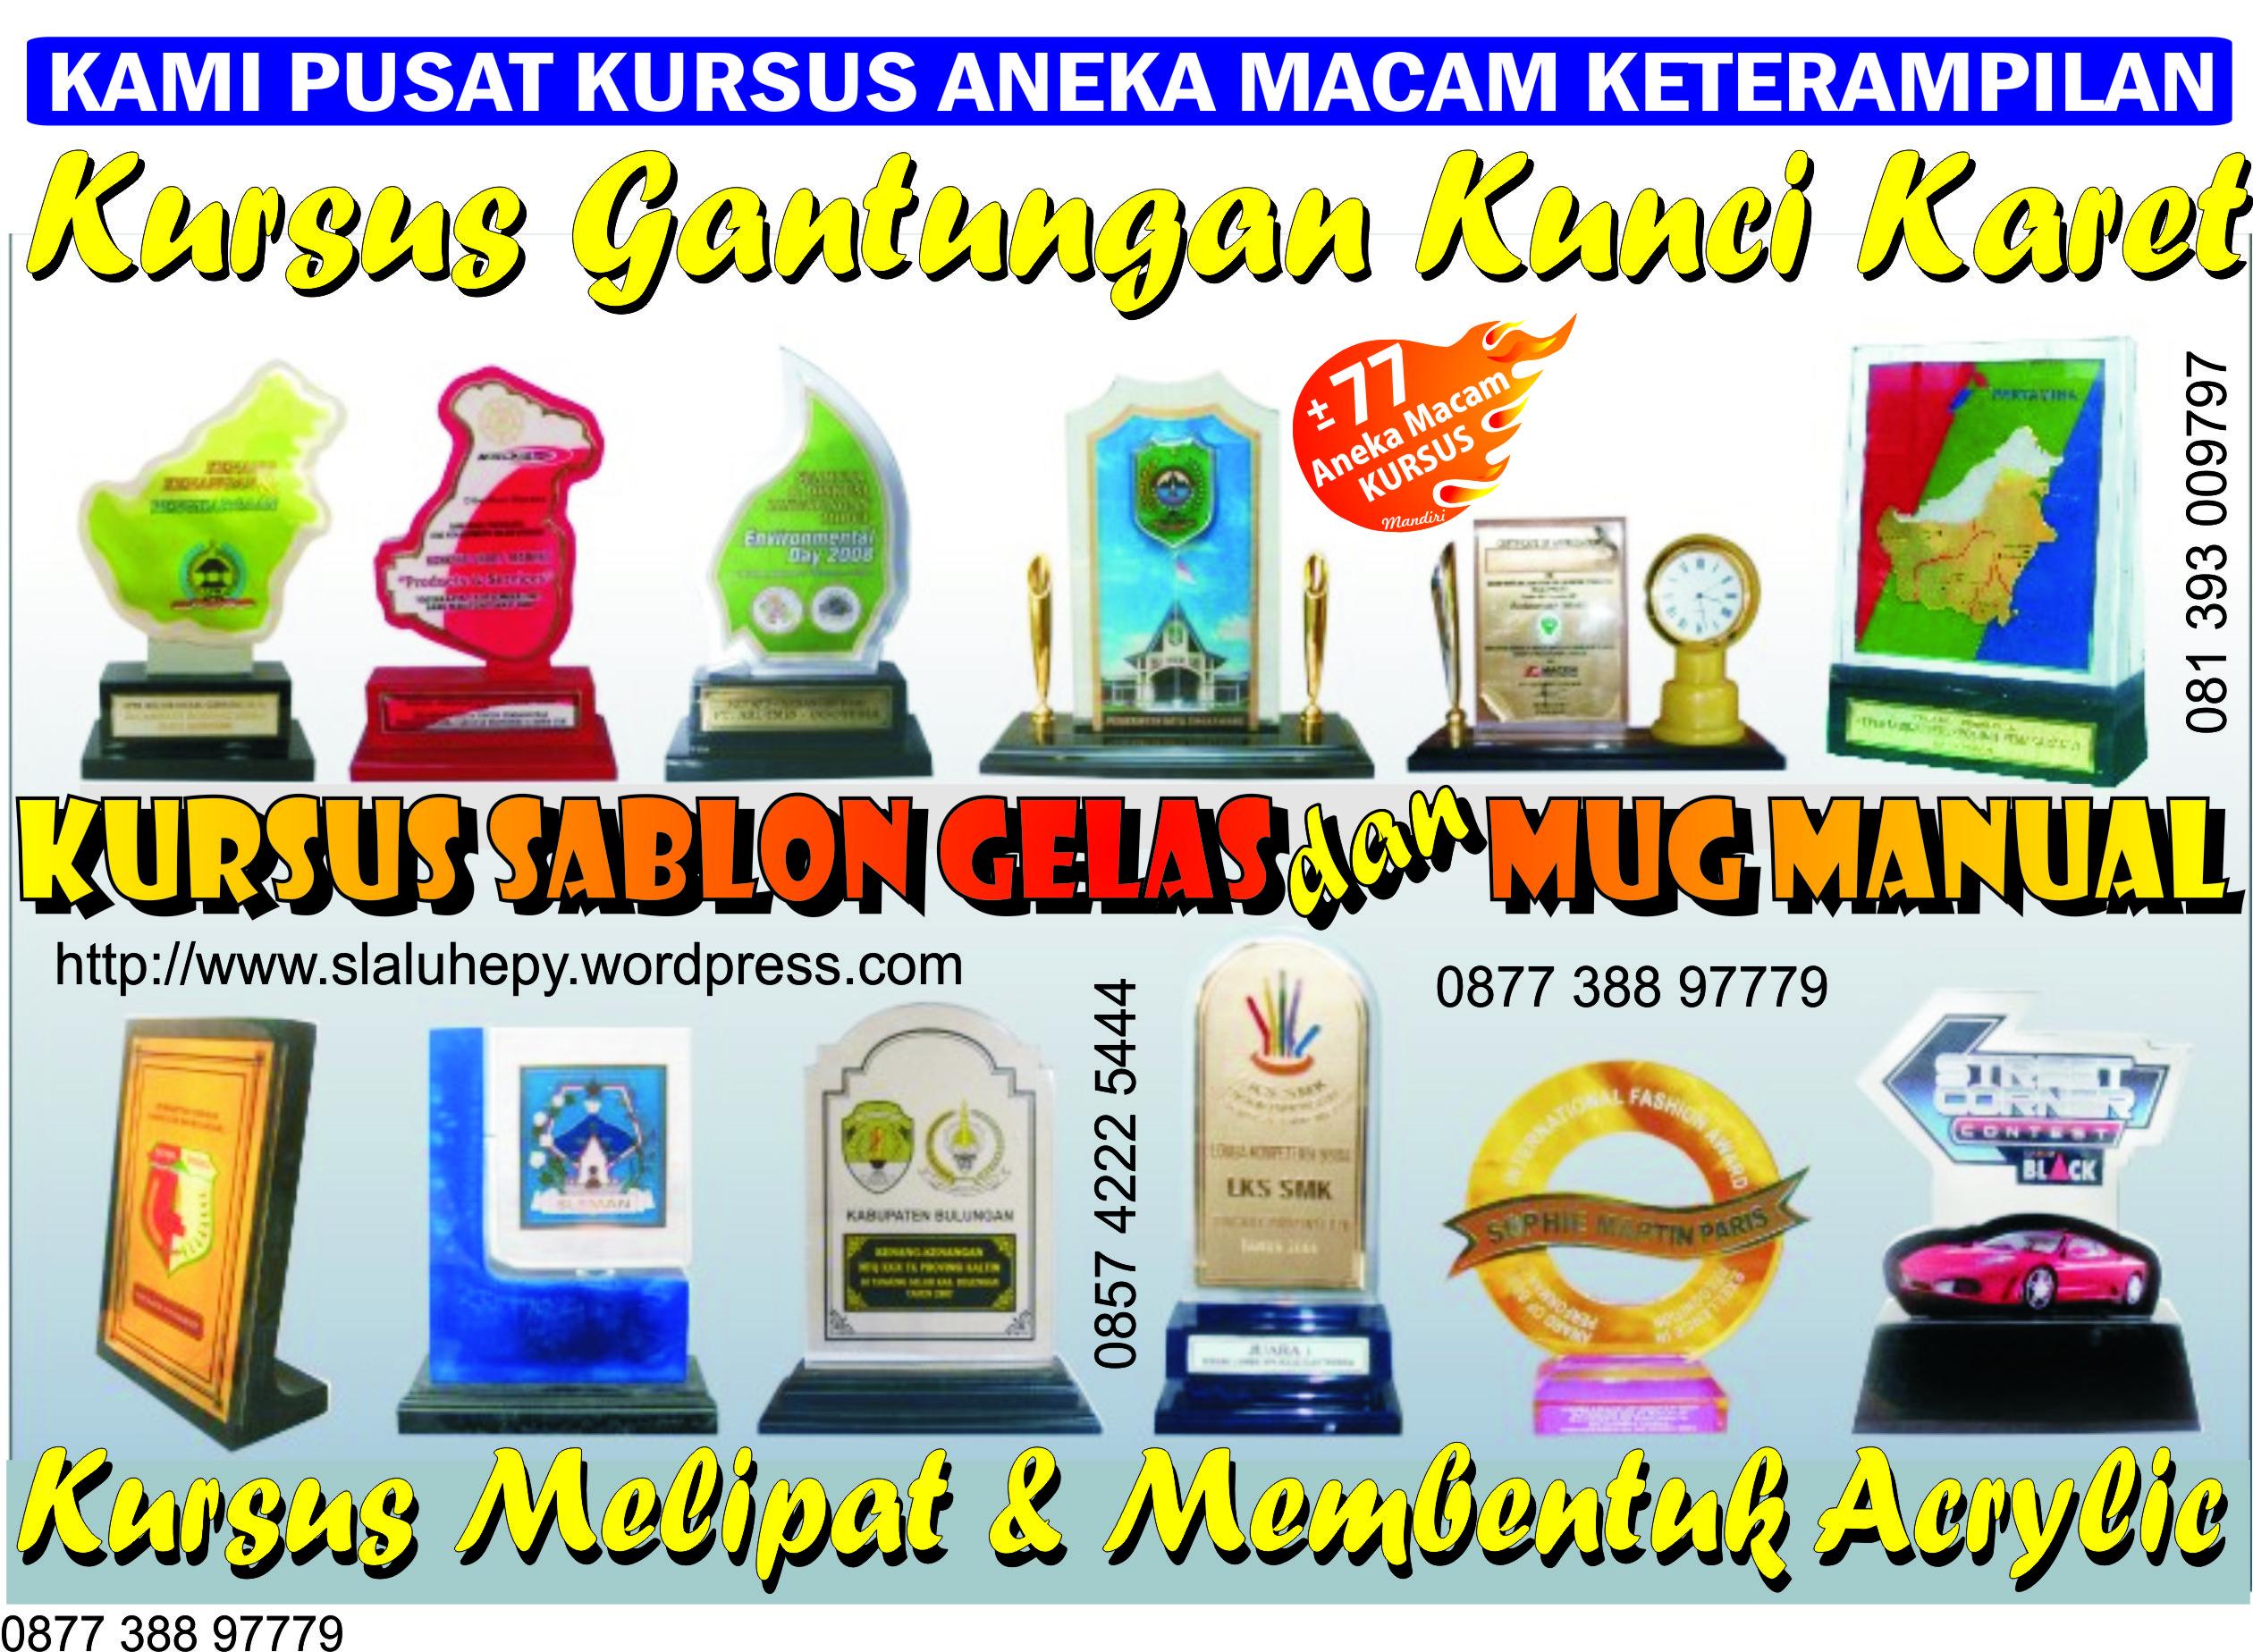 Image Result For Informasi Wirausaha Kumpulan Ide Peluang Bisnis Modal